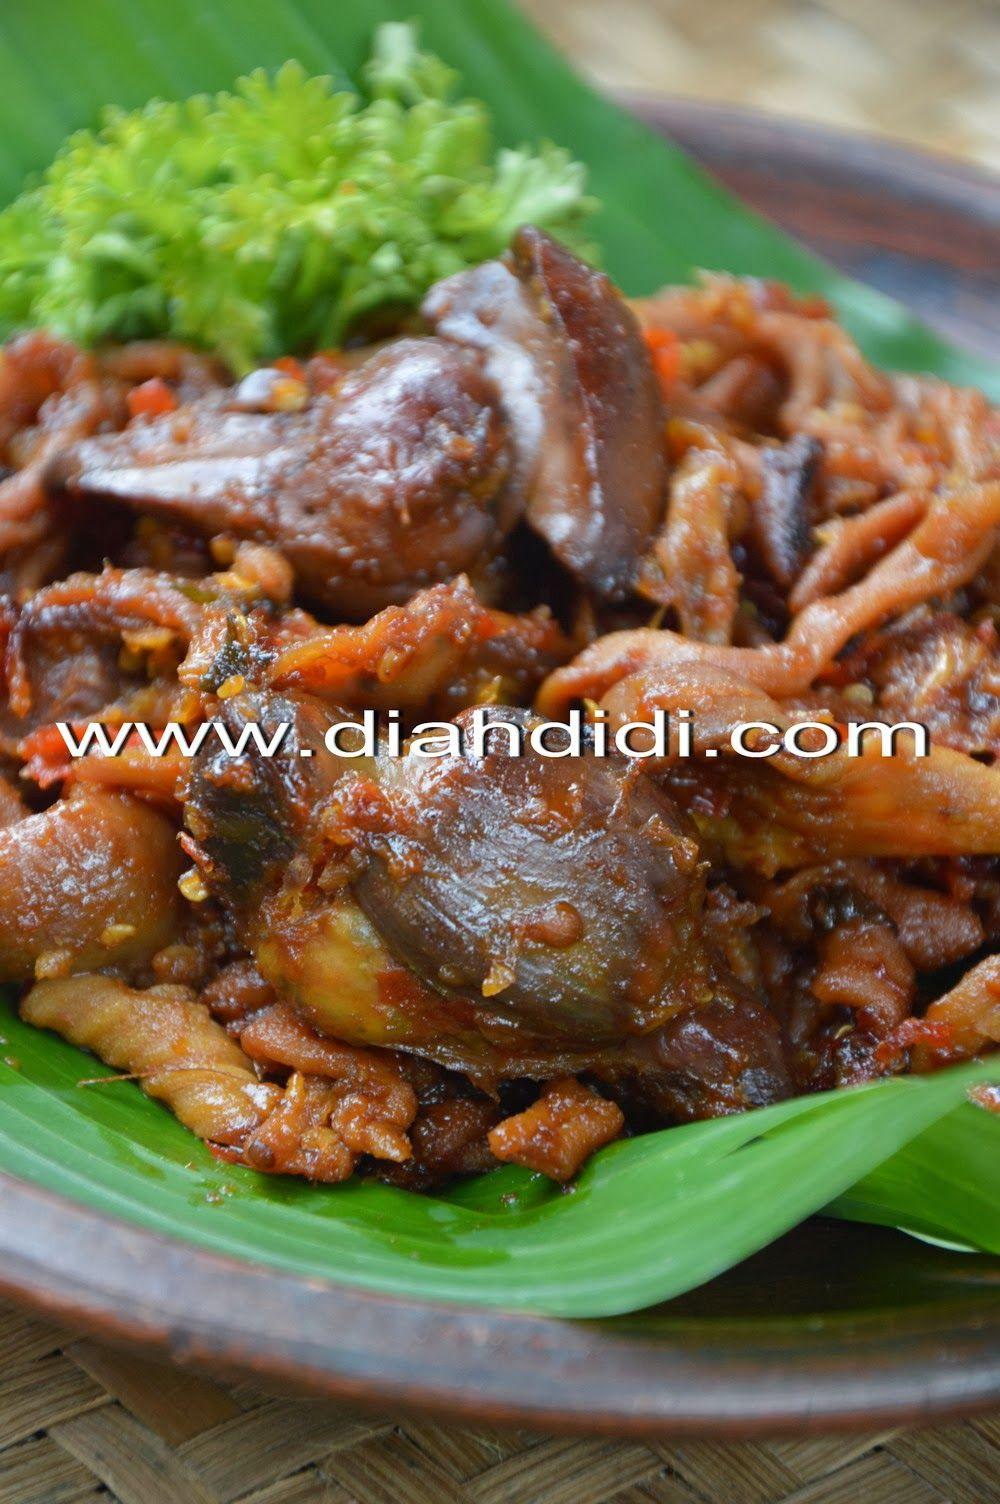 Usus Ayam Dan Ati Ampela Bumbu Pedas Manis Resep Masakan Makanan Sehari Hari Resep Makanan Sehat